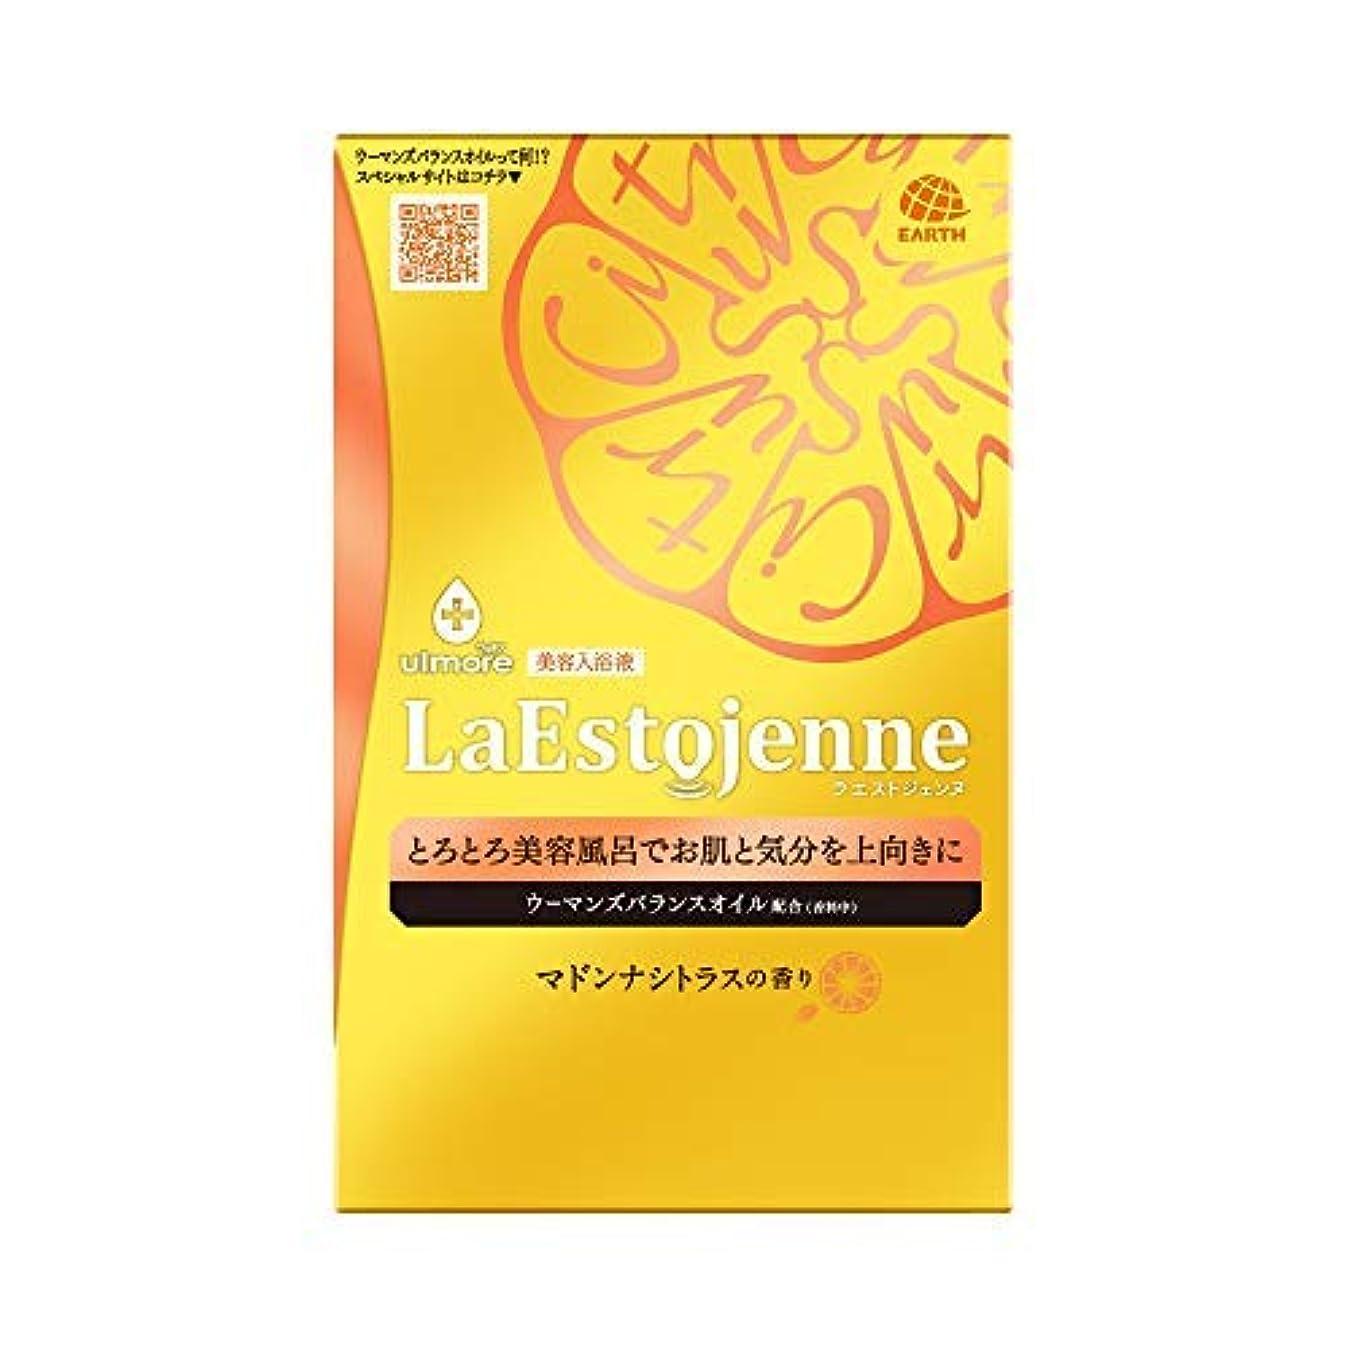 強いくさびフレキシブルウルモア ラエストジェンヌ マドンナシトラスの香り 3包入り × 8個セット